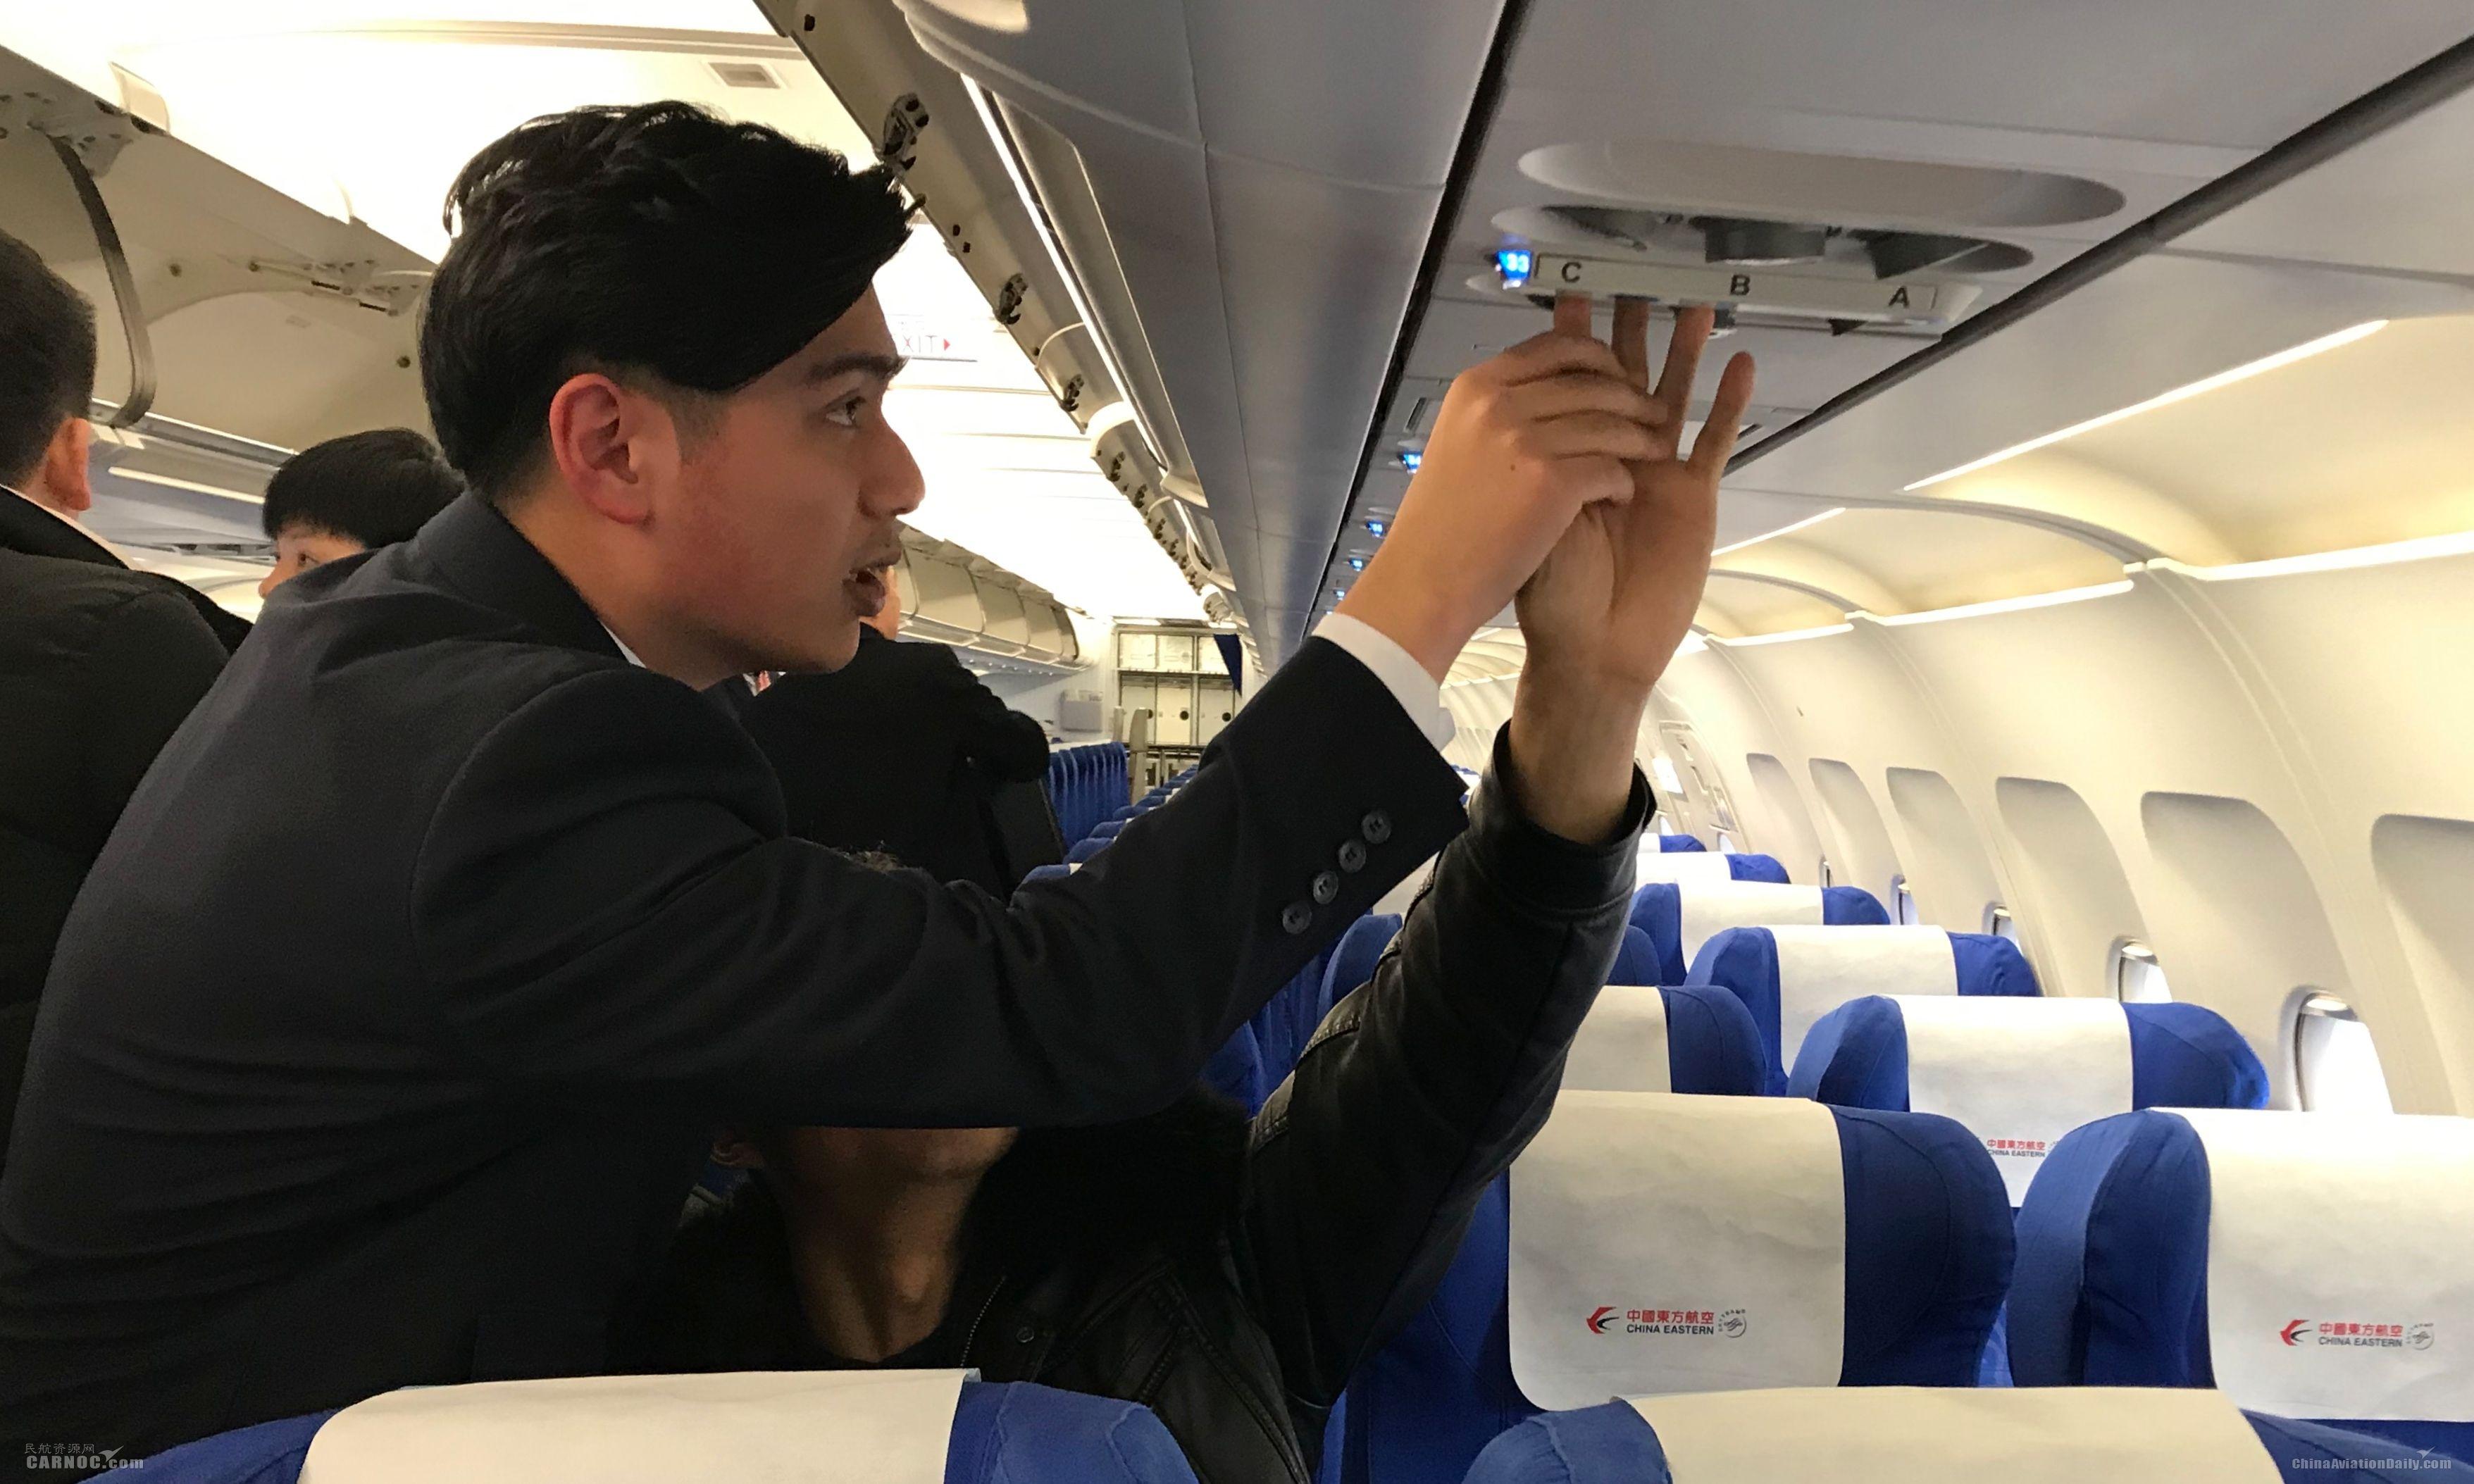 2月25日MU9641航班,乘务员冯鋆耐心地拉着盲人旅客的手一一触摸客舱服务设备 东航浙江供图